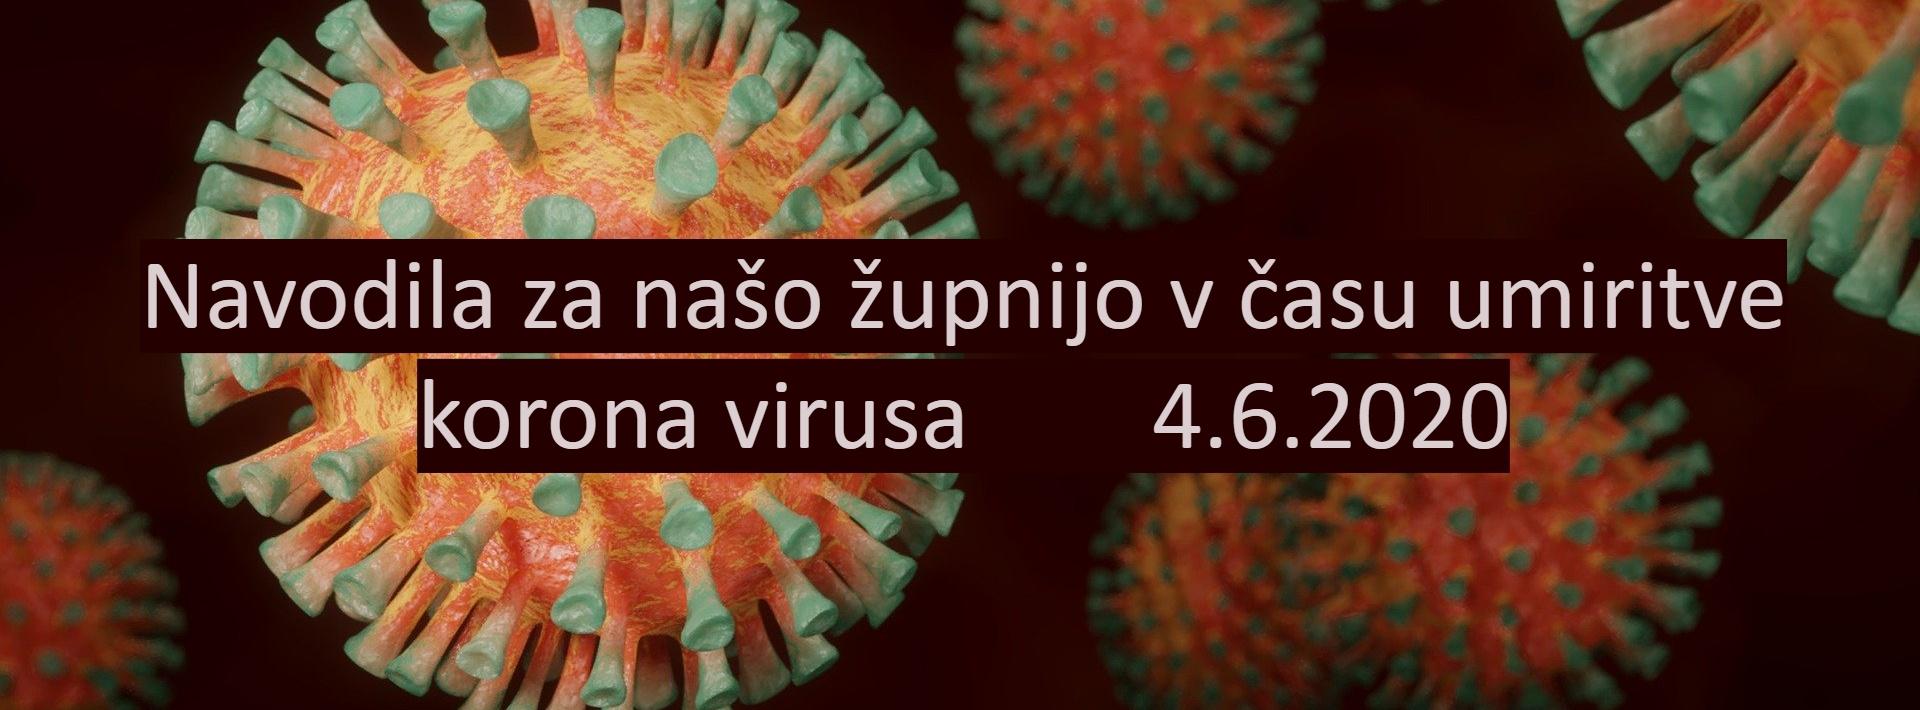 virusi 7 razred versuri de artparazite